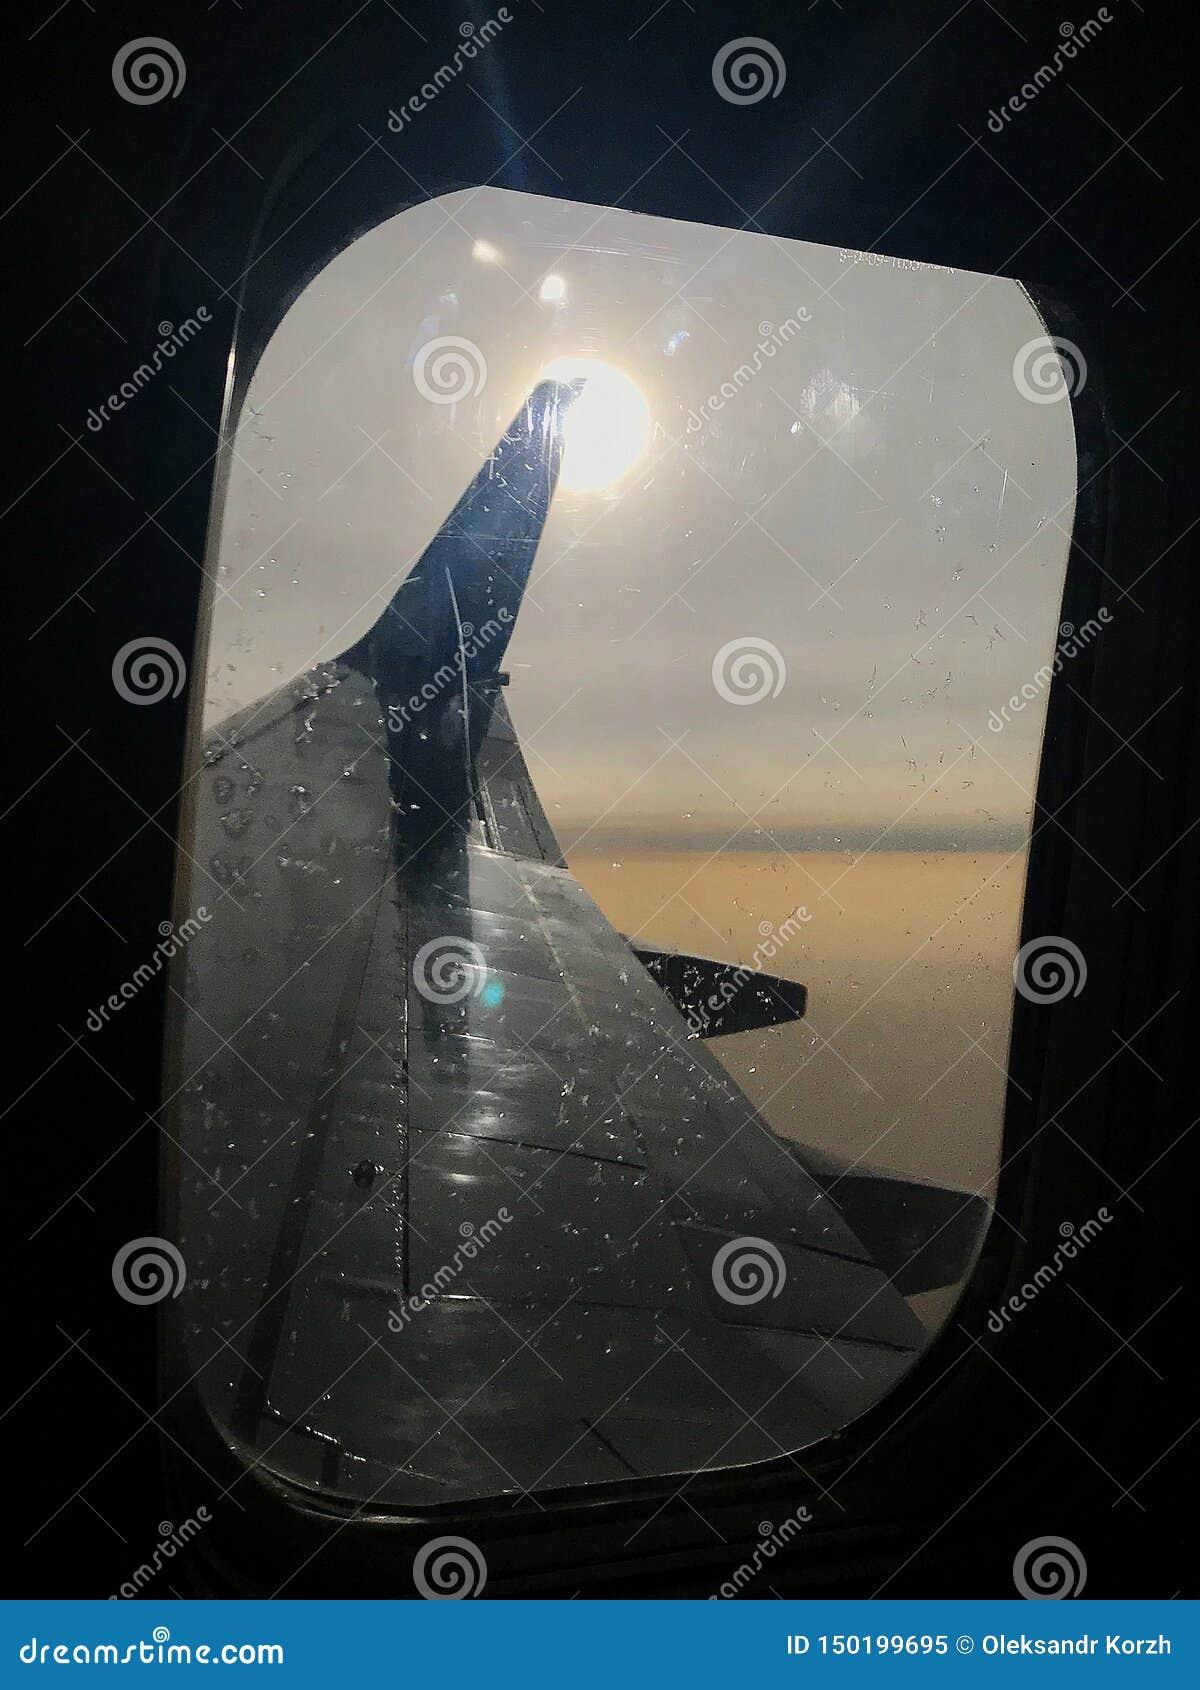 La hermosa vista de la ventana del aeroplano, ala grande de aviones muestra el marco